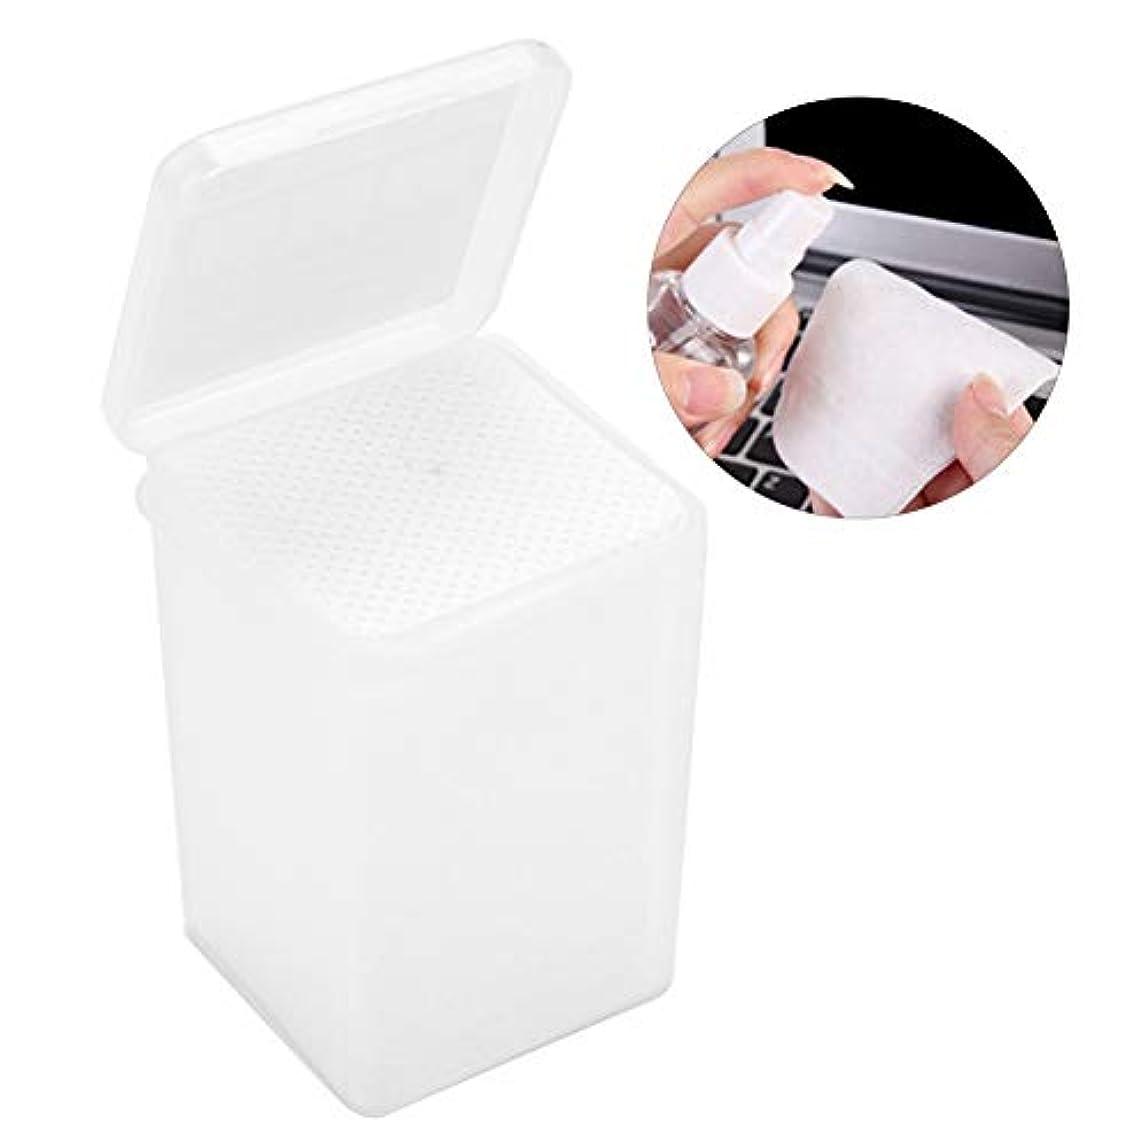 楽な懇願する減らす拡大 接着剤のワイプ 不織布の接着剤のびん クリーニングのワイプの取り外しのための180個のまつげ延長パッド